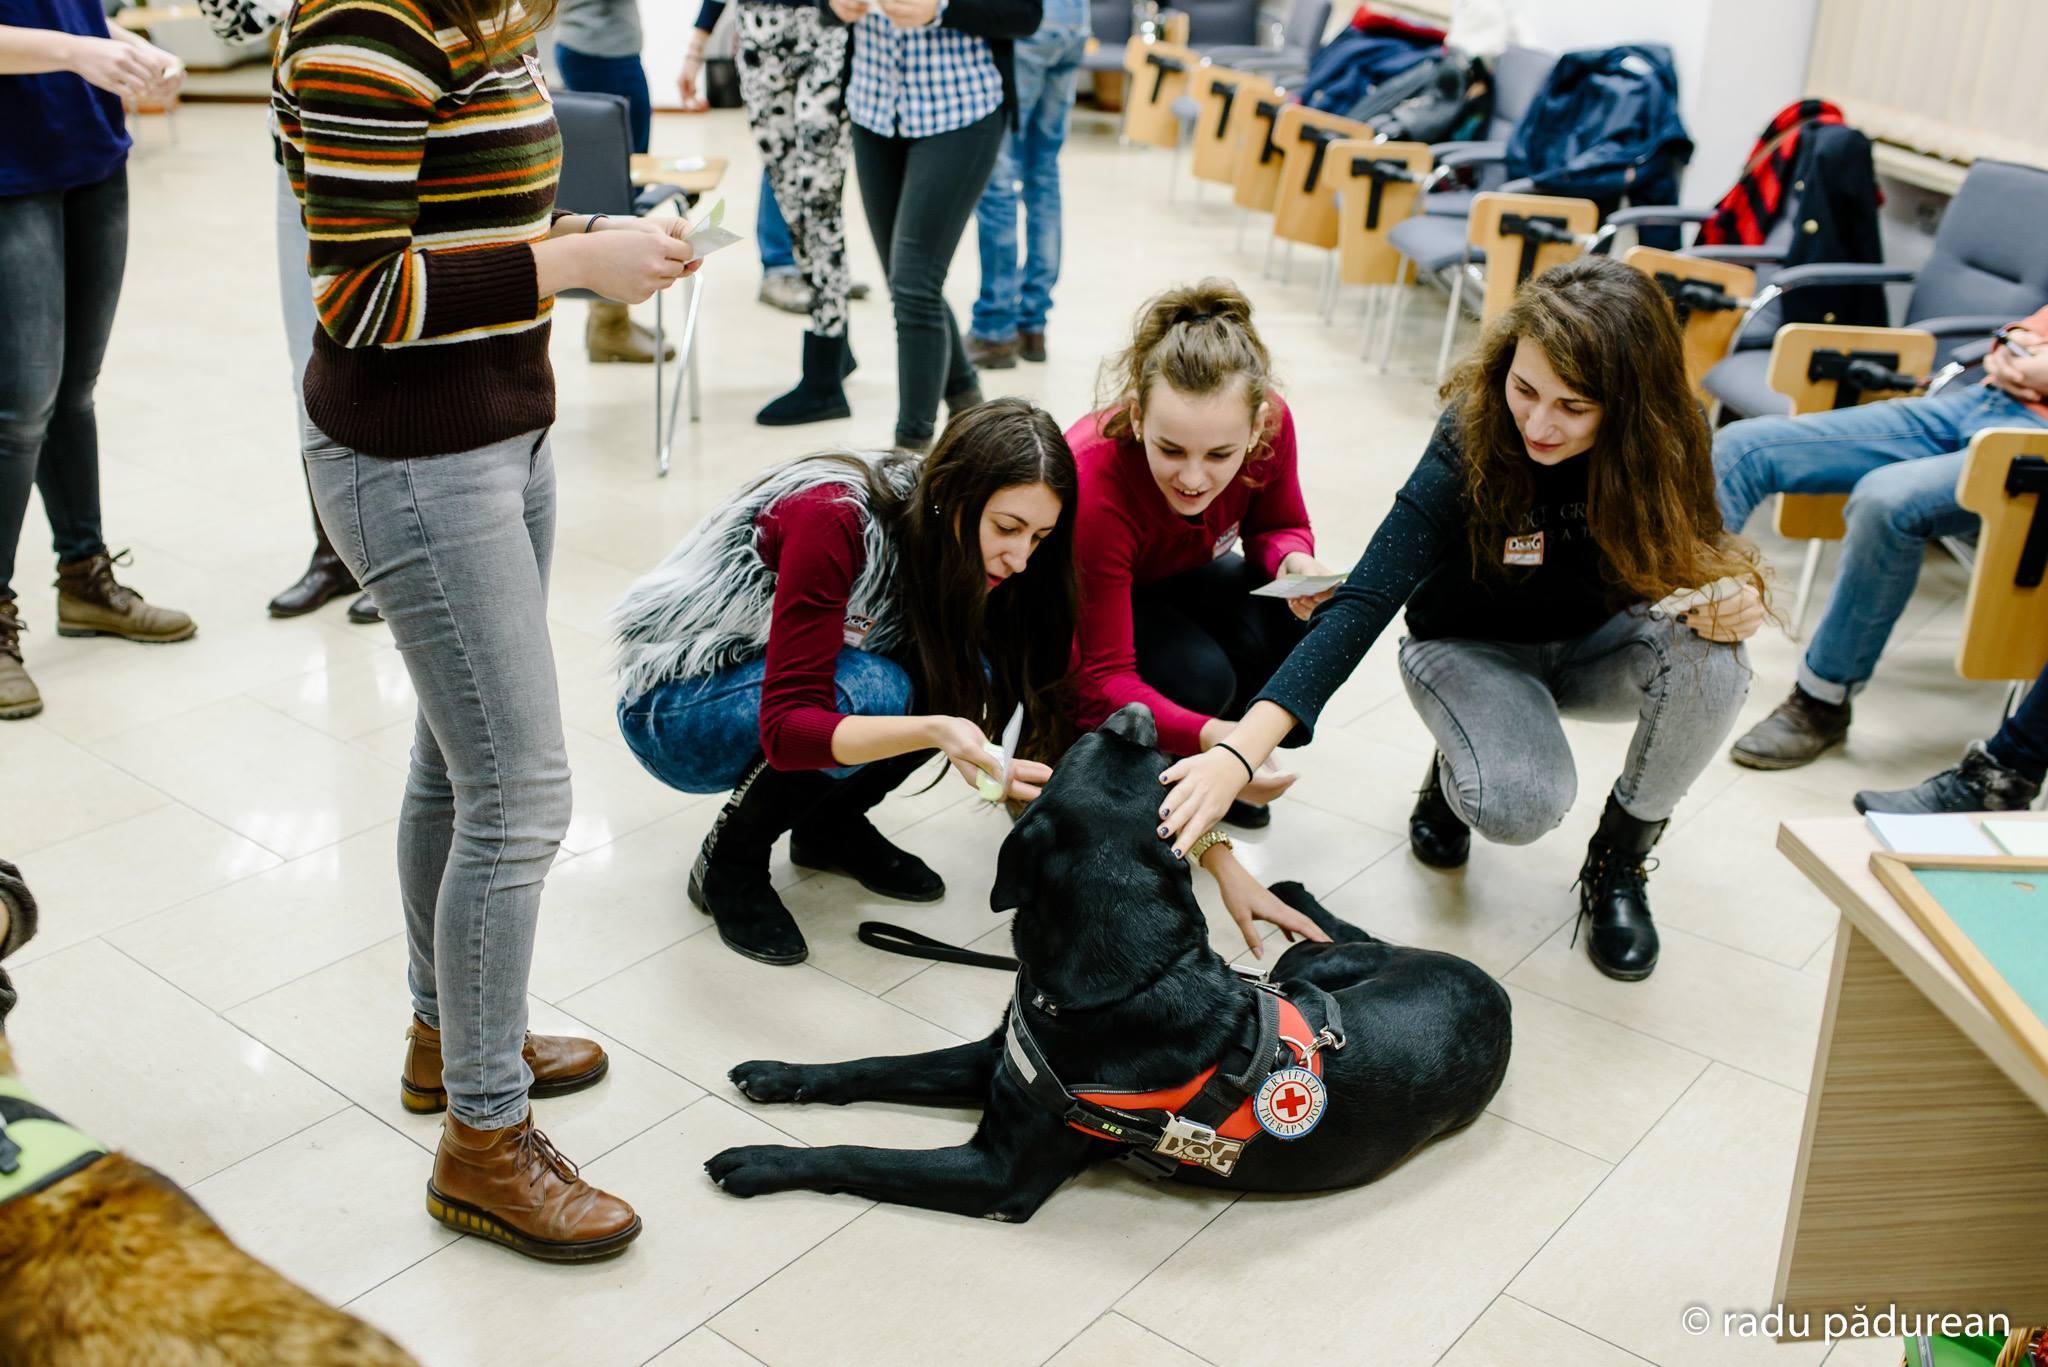 Bes este unul dintre câinii de terapie cu care studenții stresați își pot petrece timpul liber (Foto: Radu Pădurean)